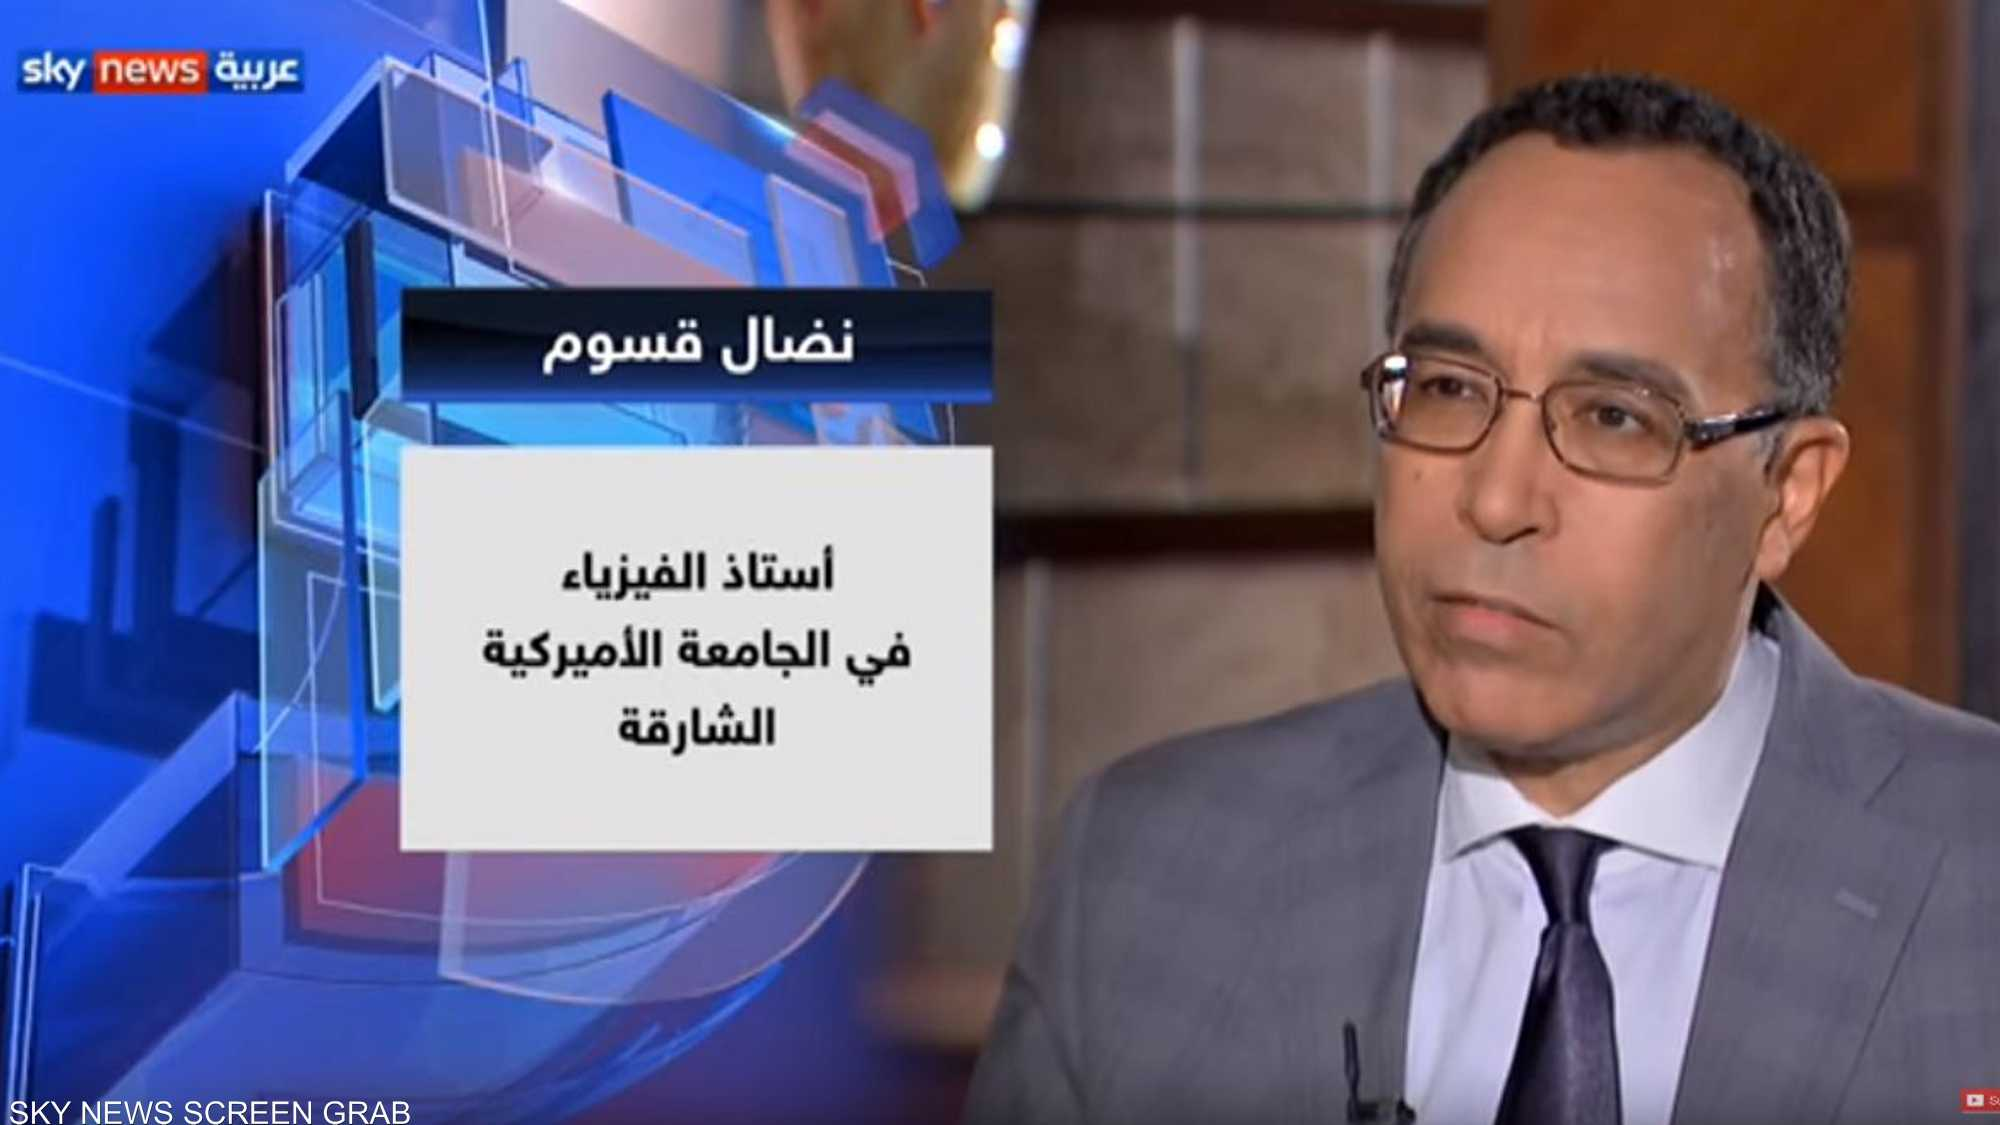 الباحث والأكاديمي الجزائري نضال قسوم